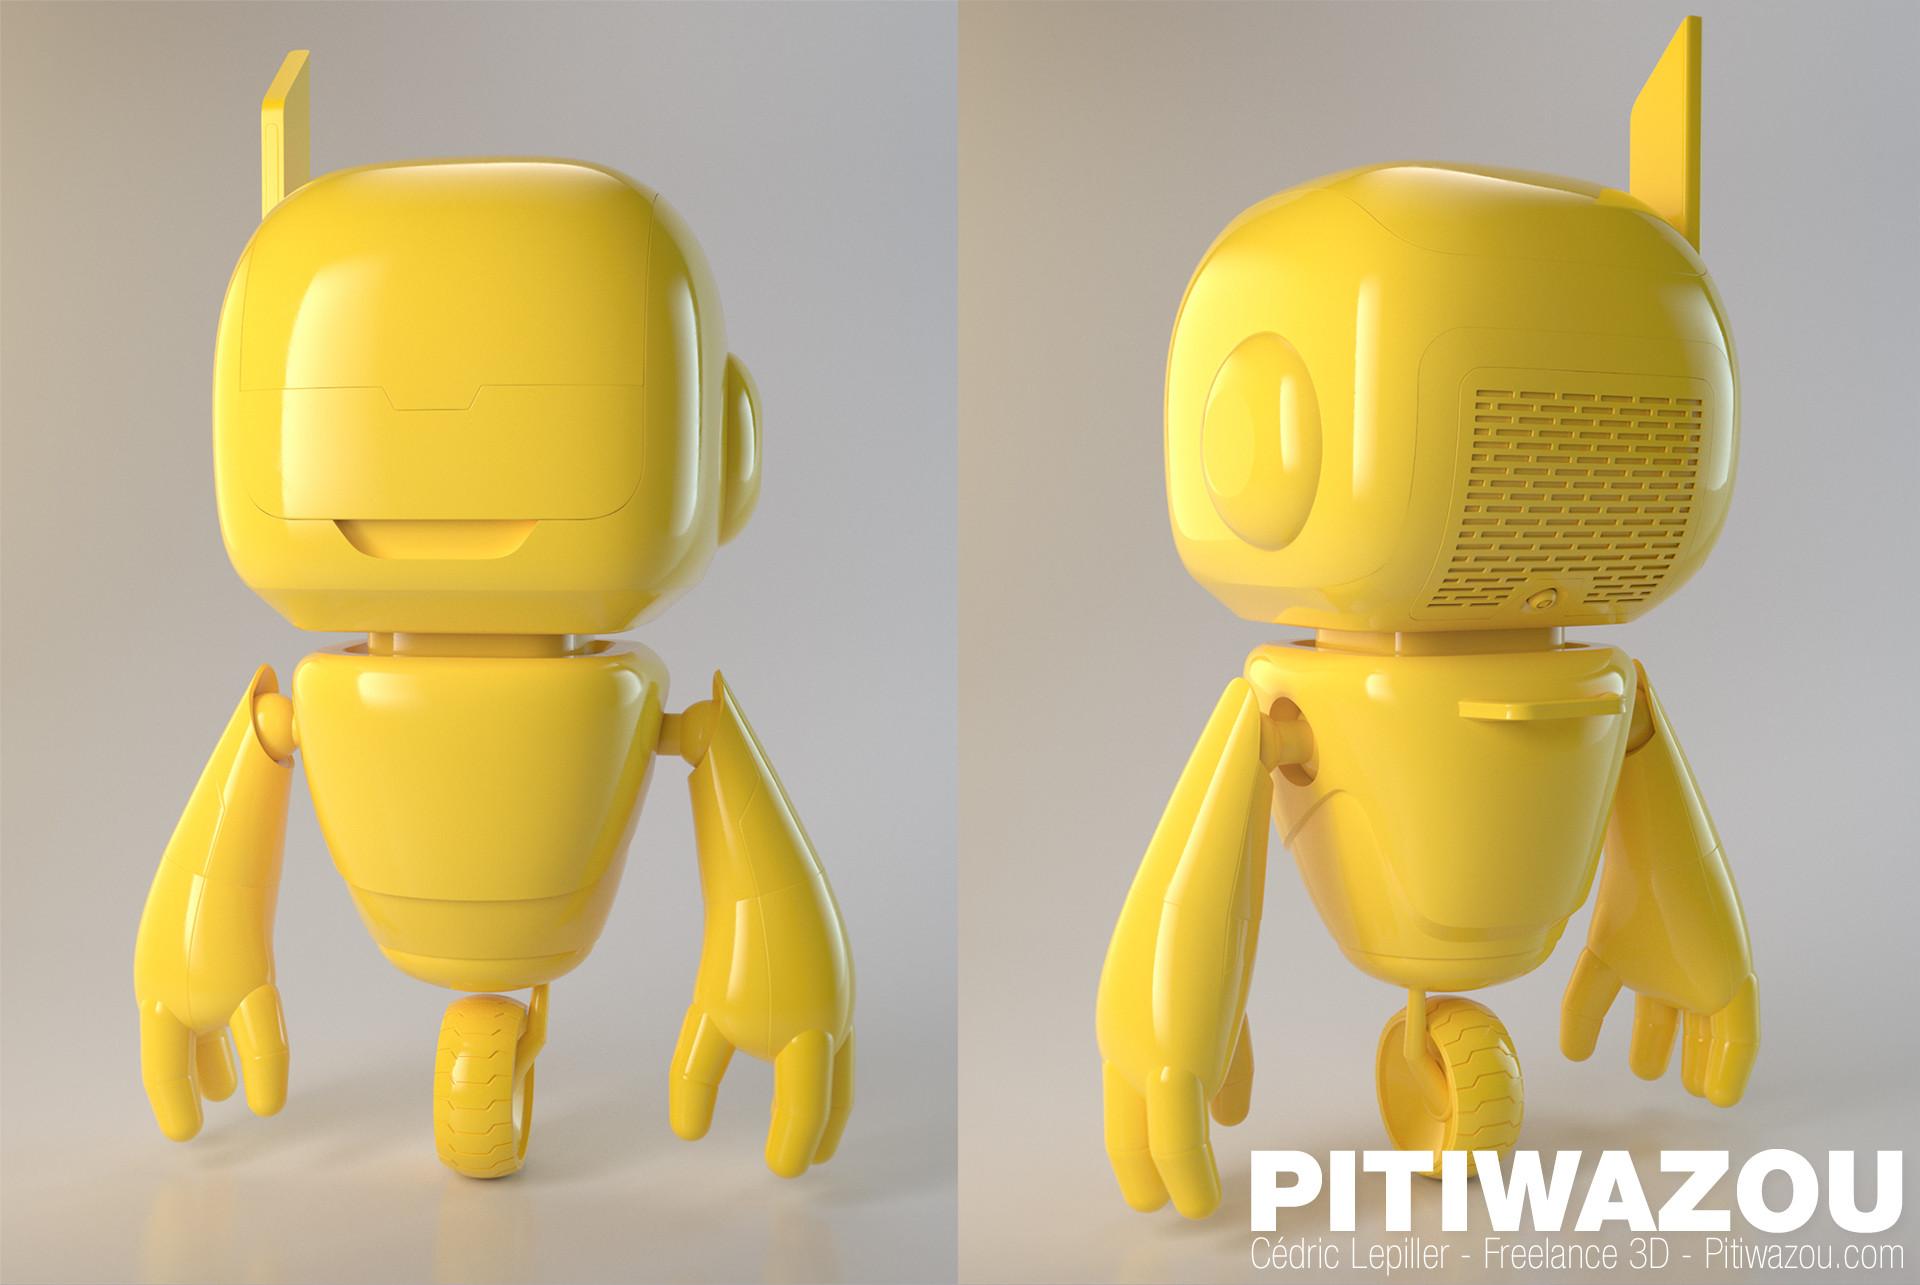 Cedric lepiller cedric lepiller pitiwazou robot wipix 004